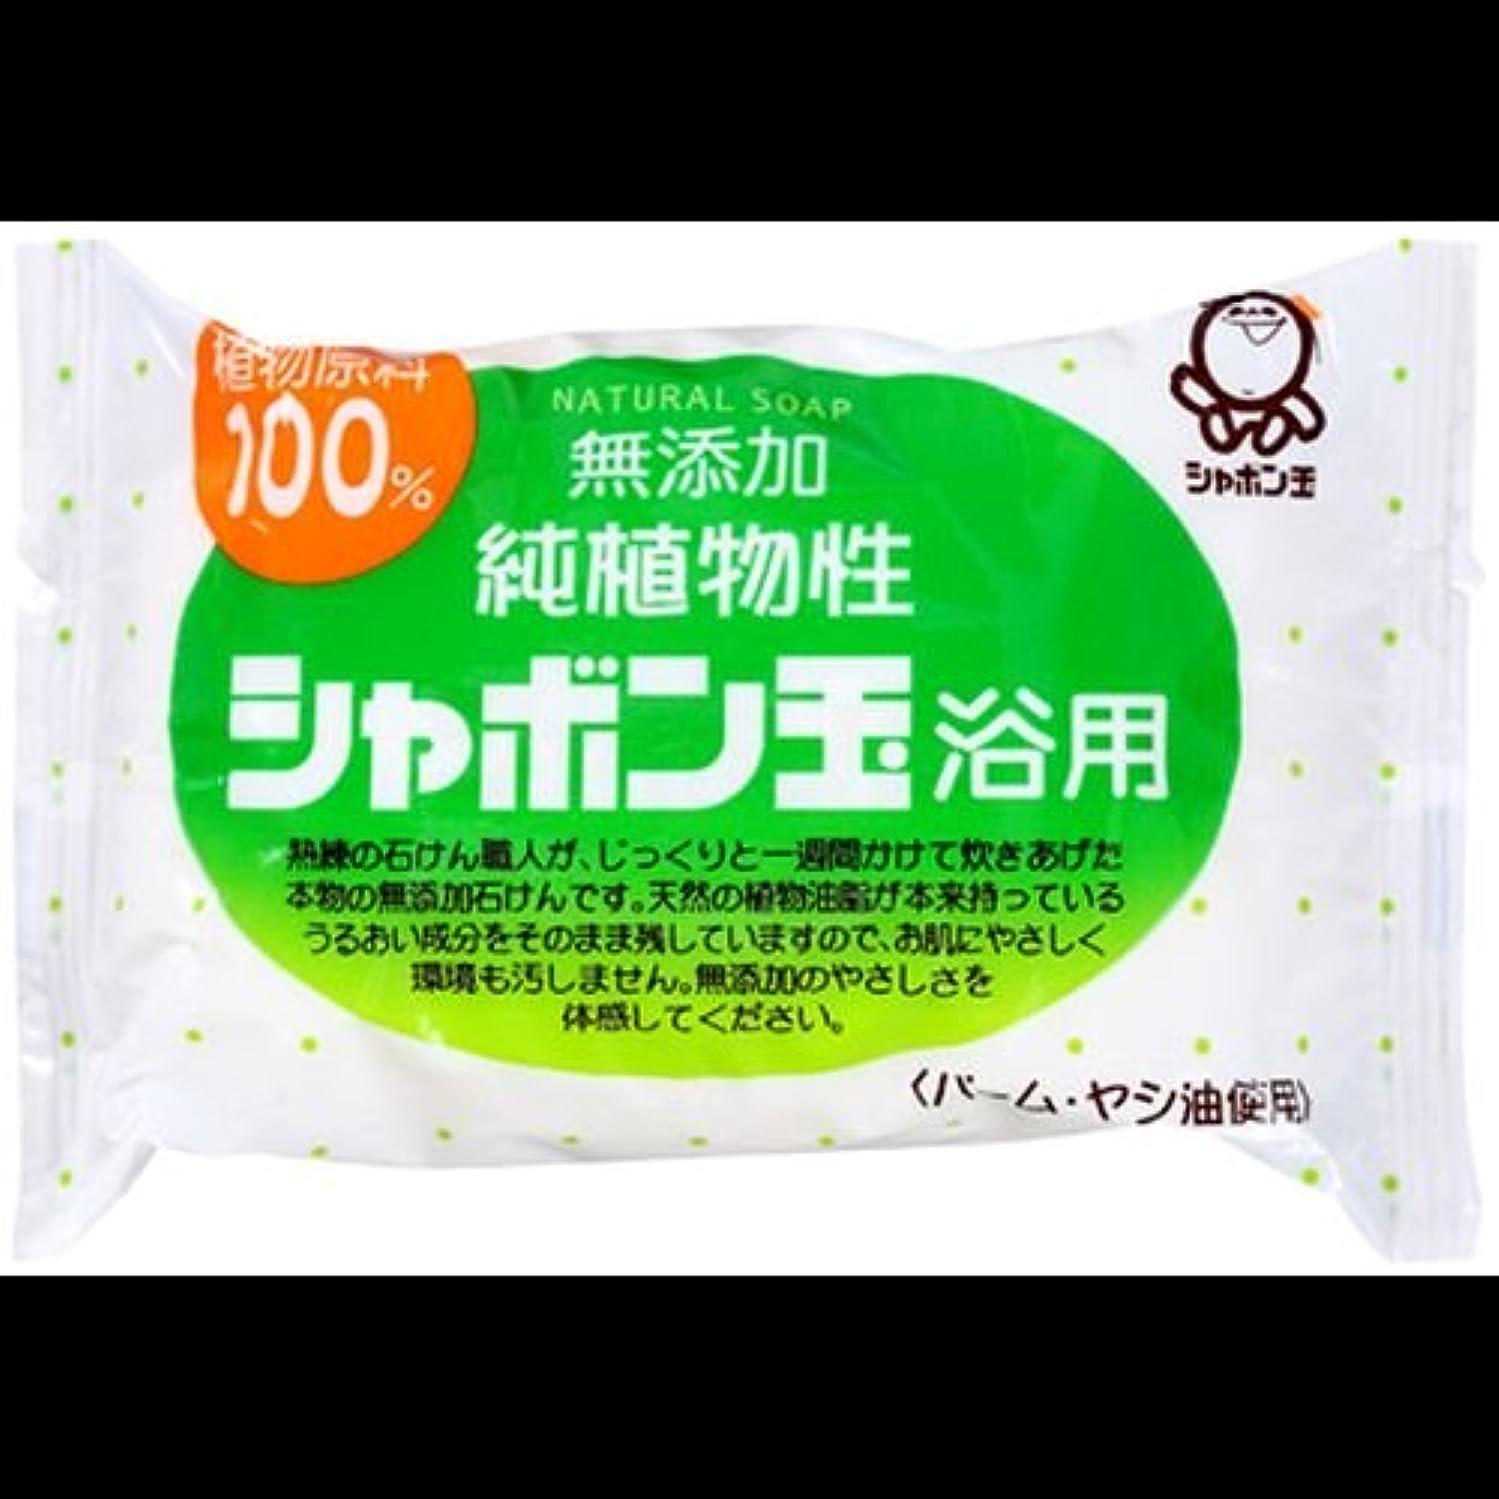 友だち誇りに思う衰える【まとめ買い】シャボン玉 無添加 純植物性 シャボン玉浴用石けん 純植物性 100g ×2セット